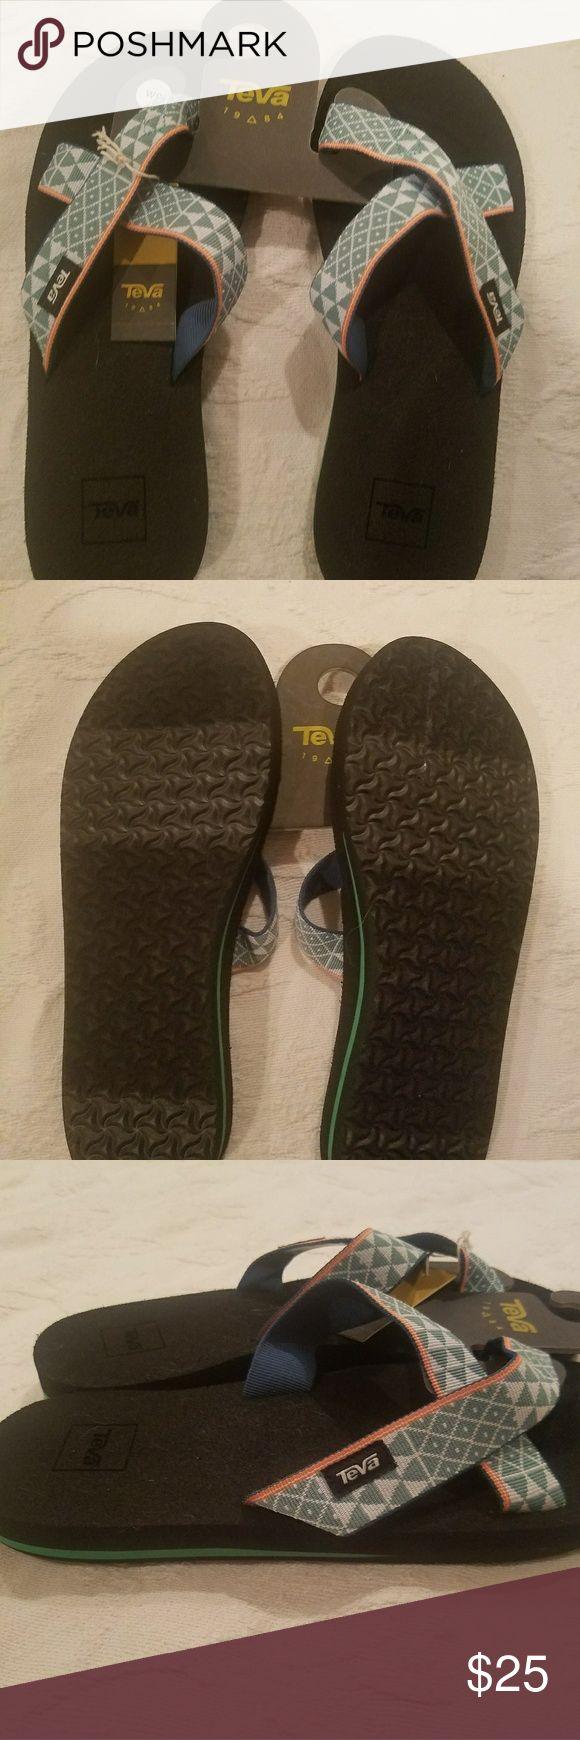 Teva Flip Flop NWT TEVA FLIP FLOP CUTE MINT COLOR PRINTED STRAP Teva Shoes Sandals